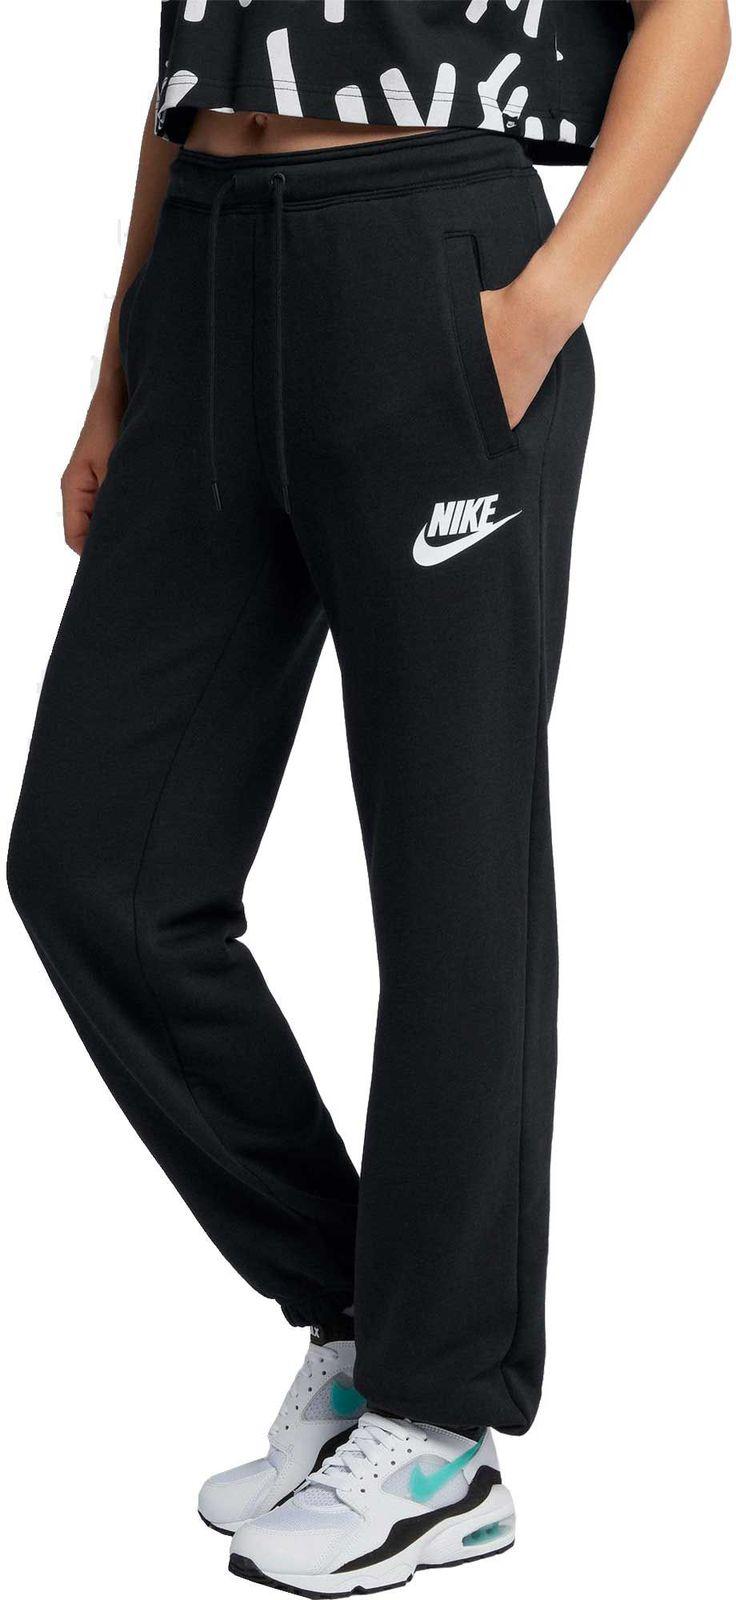 Nike womens sportswear rally loose fit sweatpants size